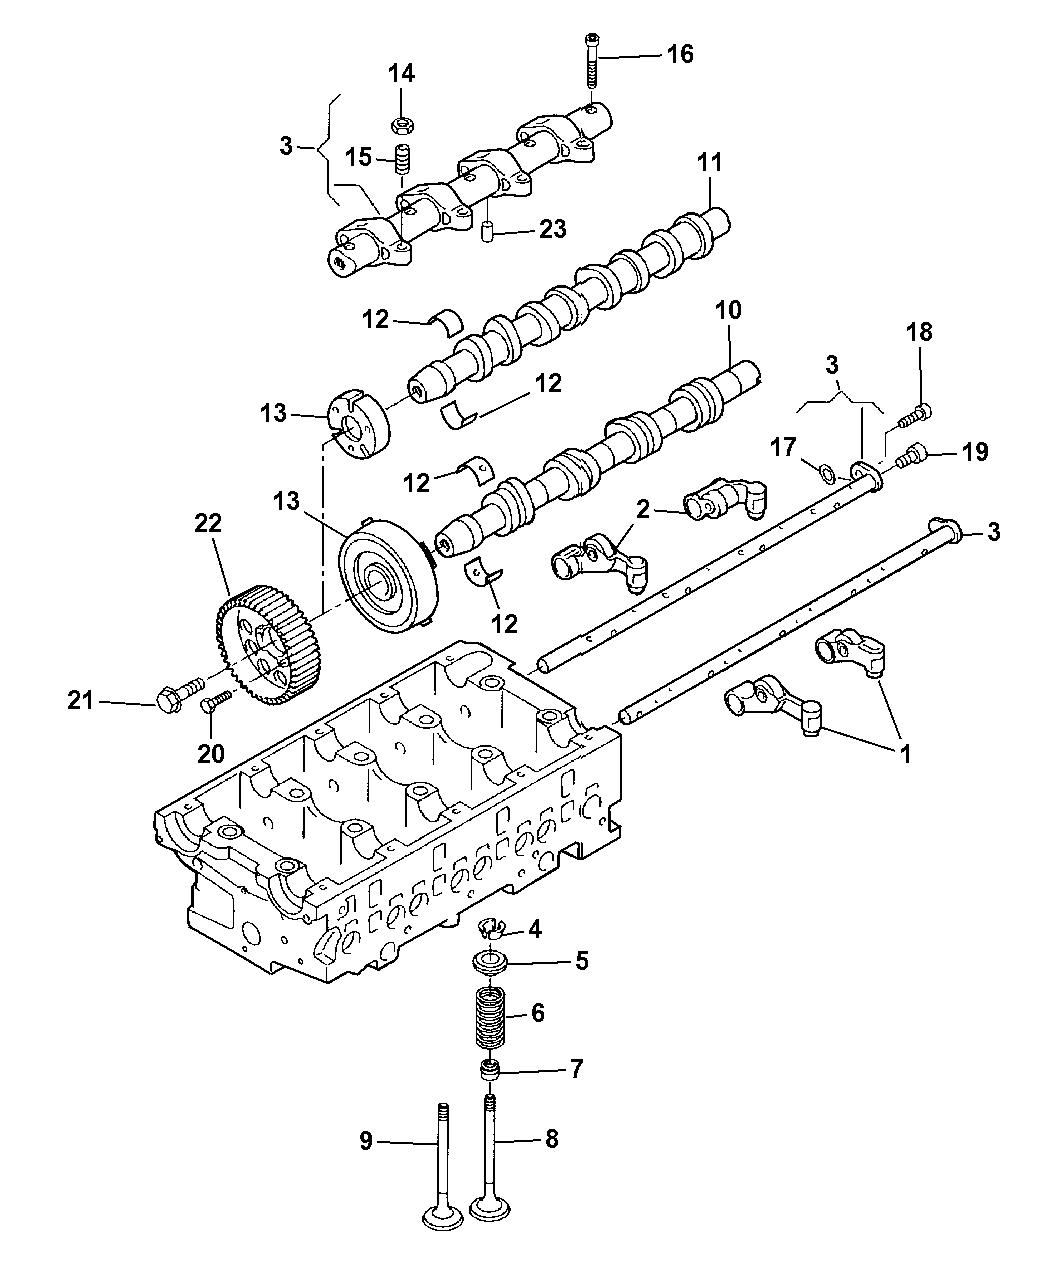 2009 Dodge Journey Camshaft Valvetrain Mopar Parts Giant Sxt Engine Diagram Thumbnail 1